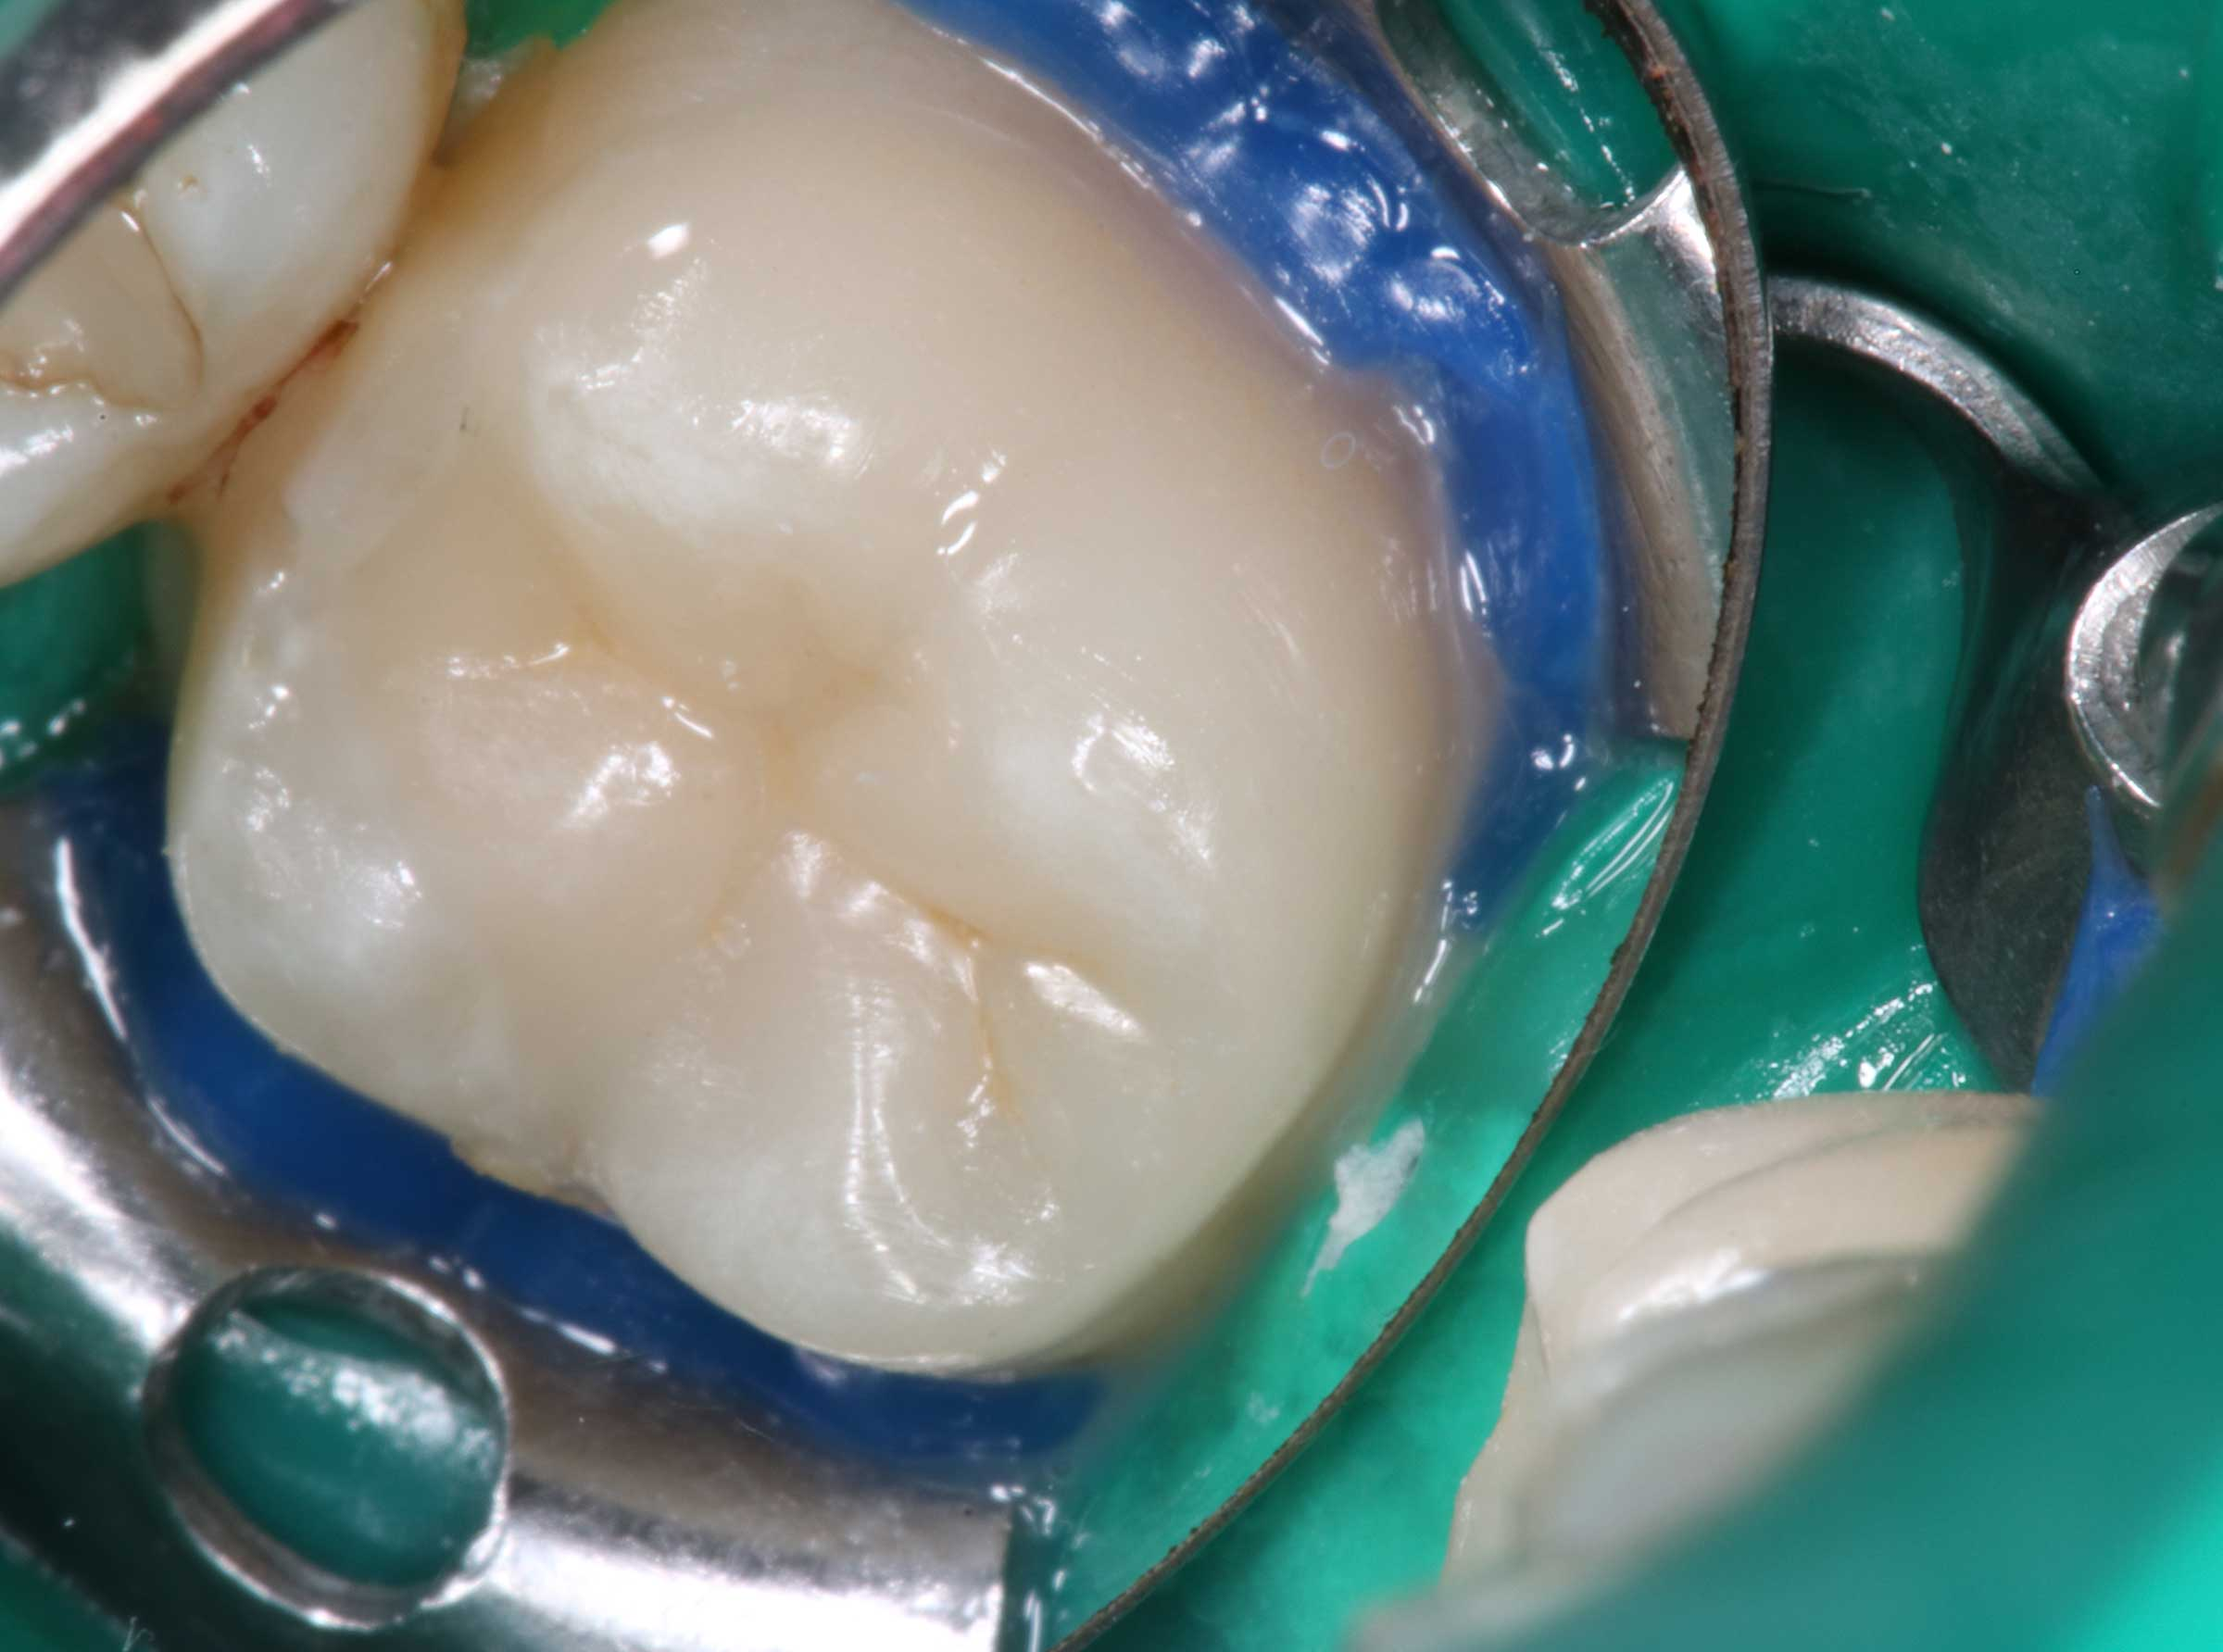 Abgeknirschte Zähne Reparieren